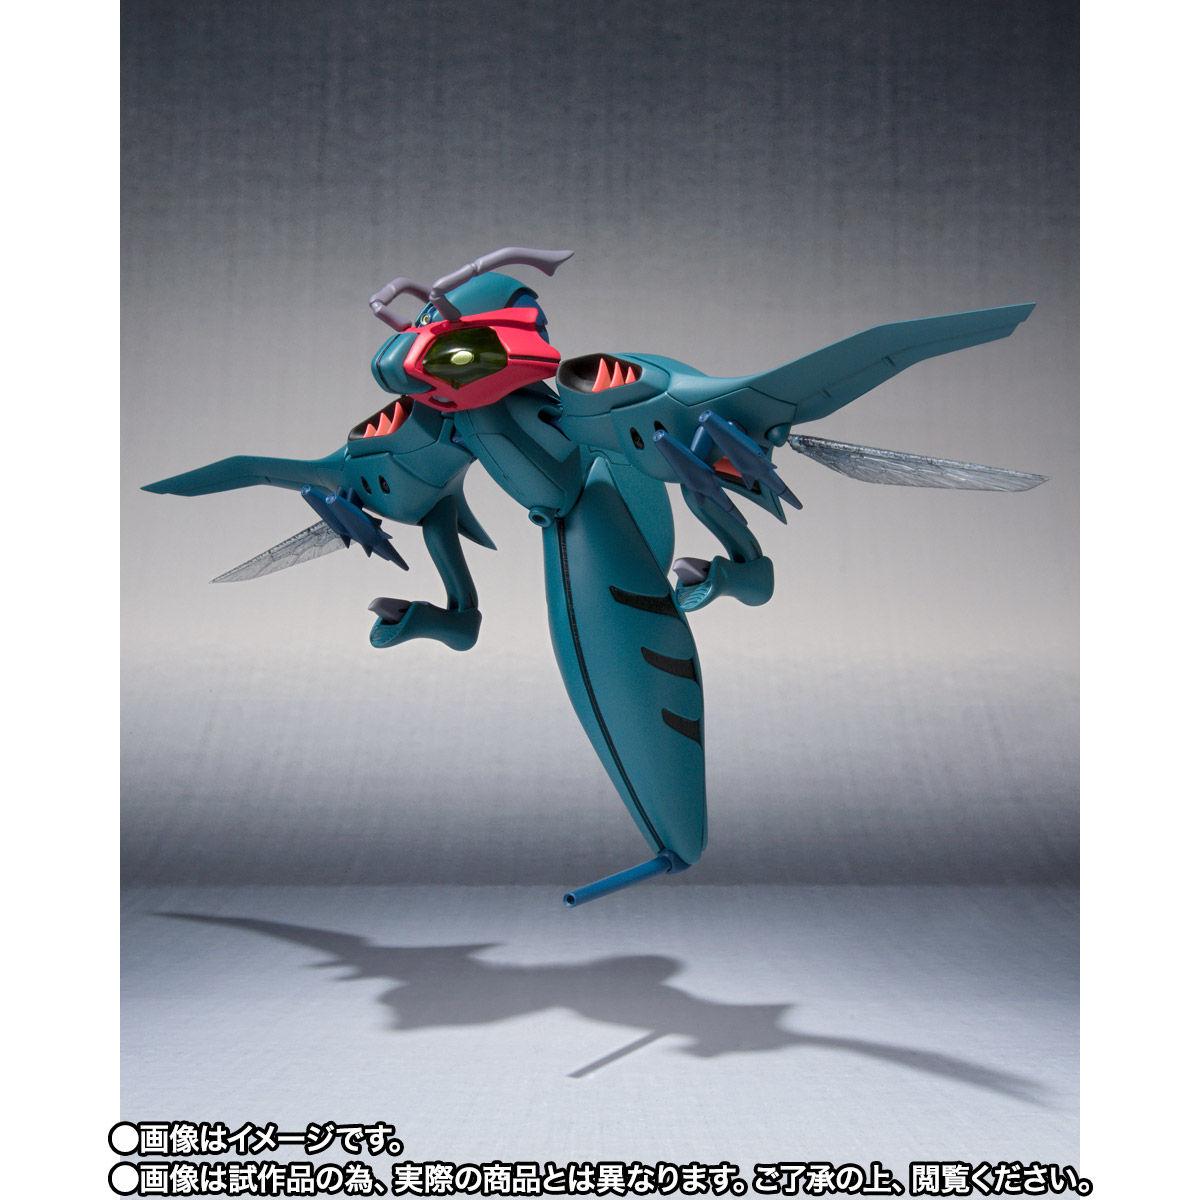 【限定販売】ROBOT魂〈SIDE AB〉『バラウ』可動フィギュア-006